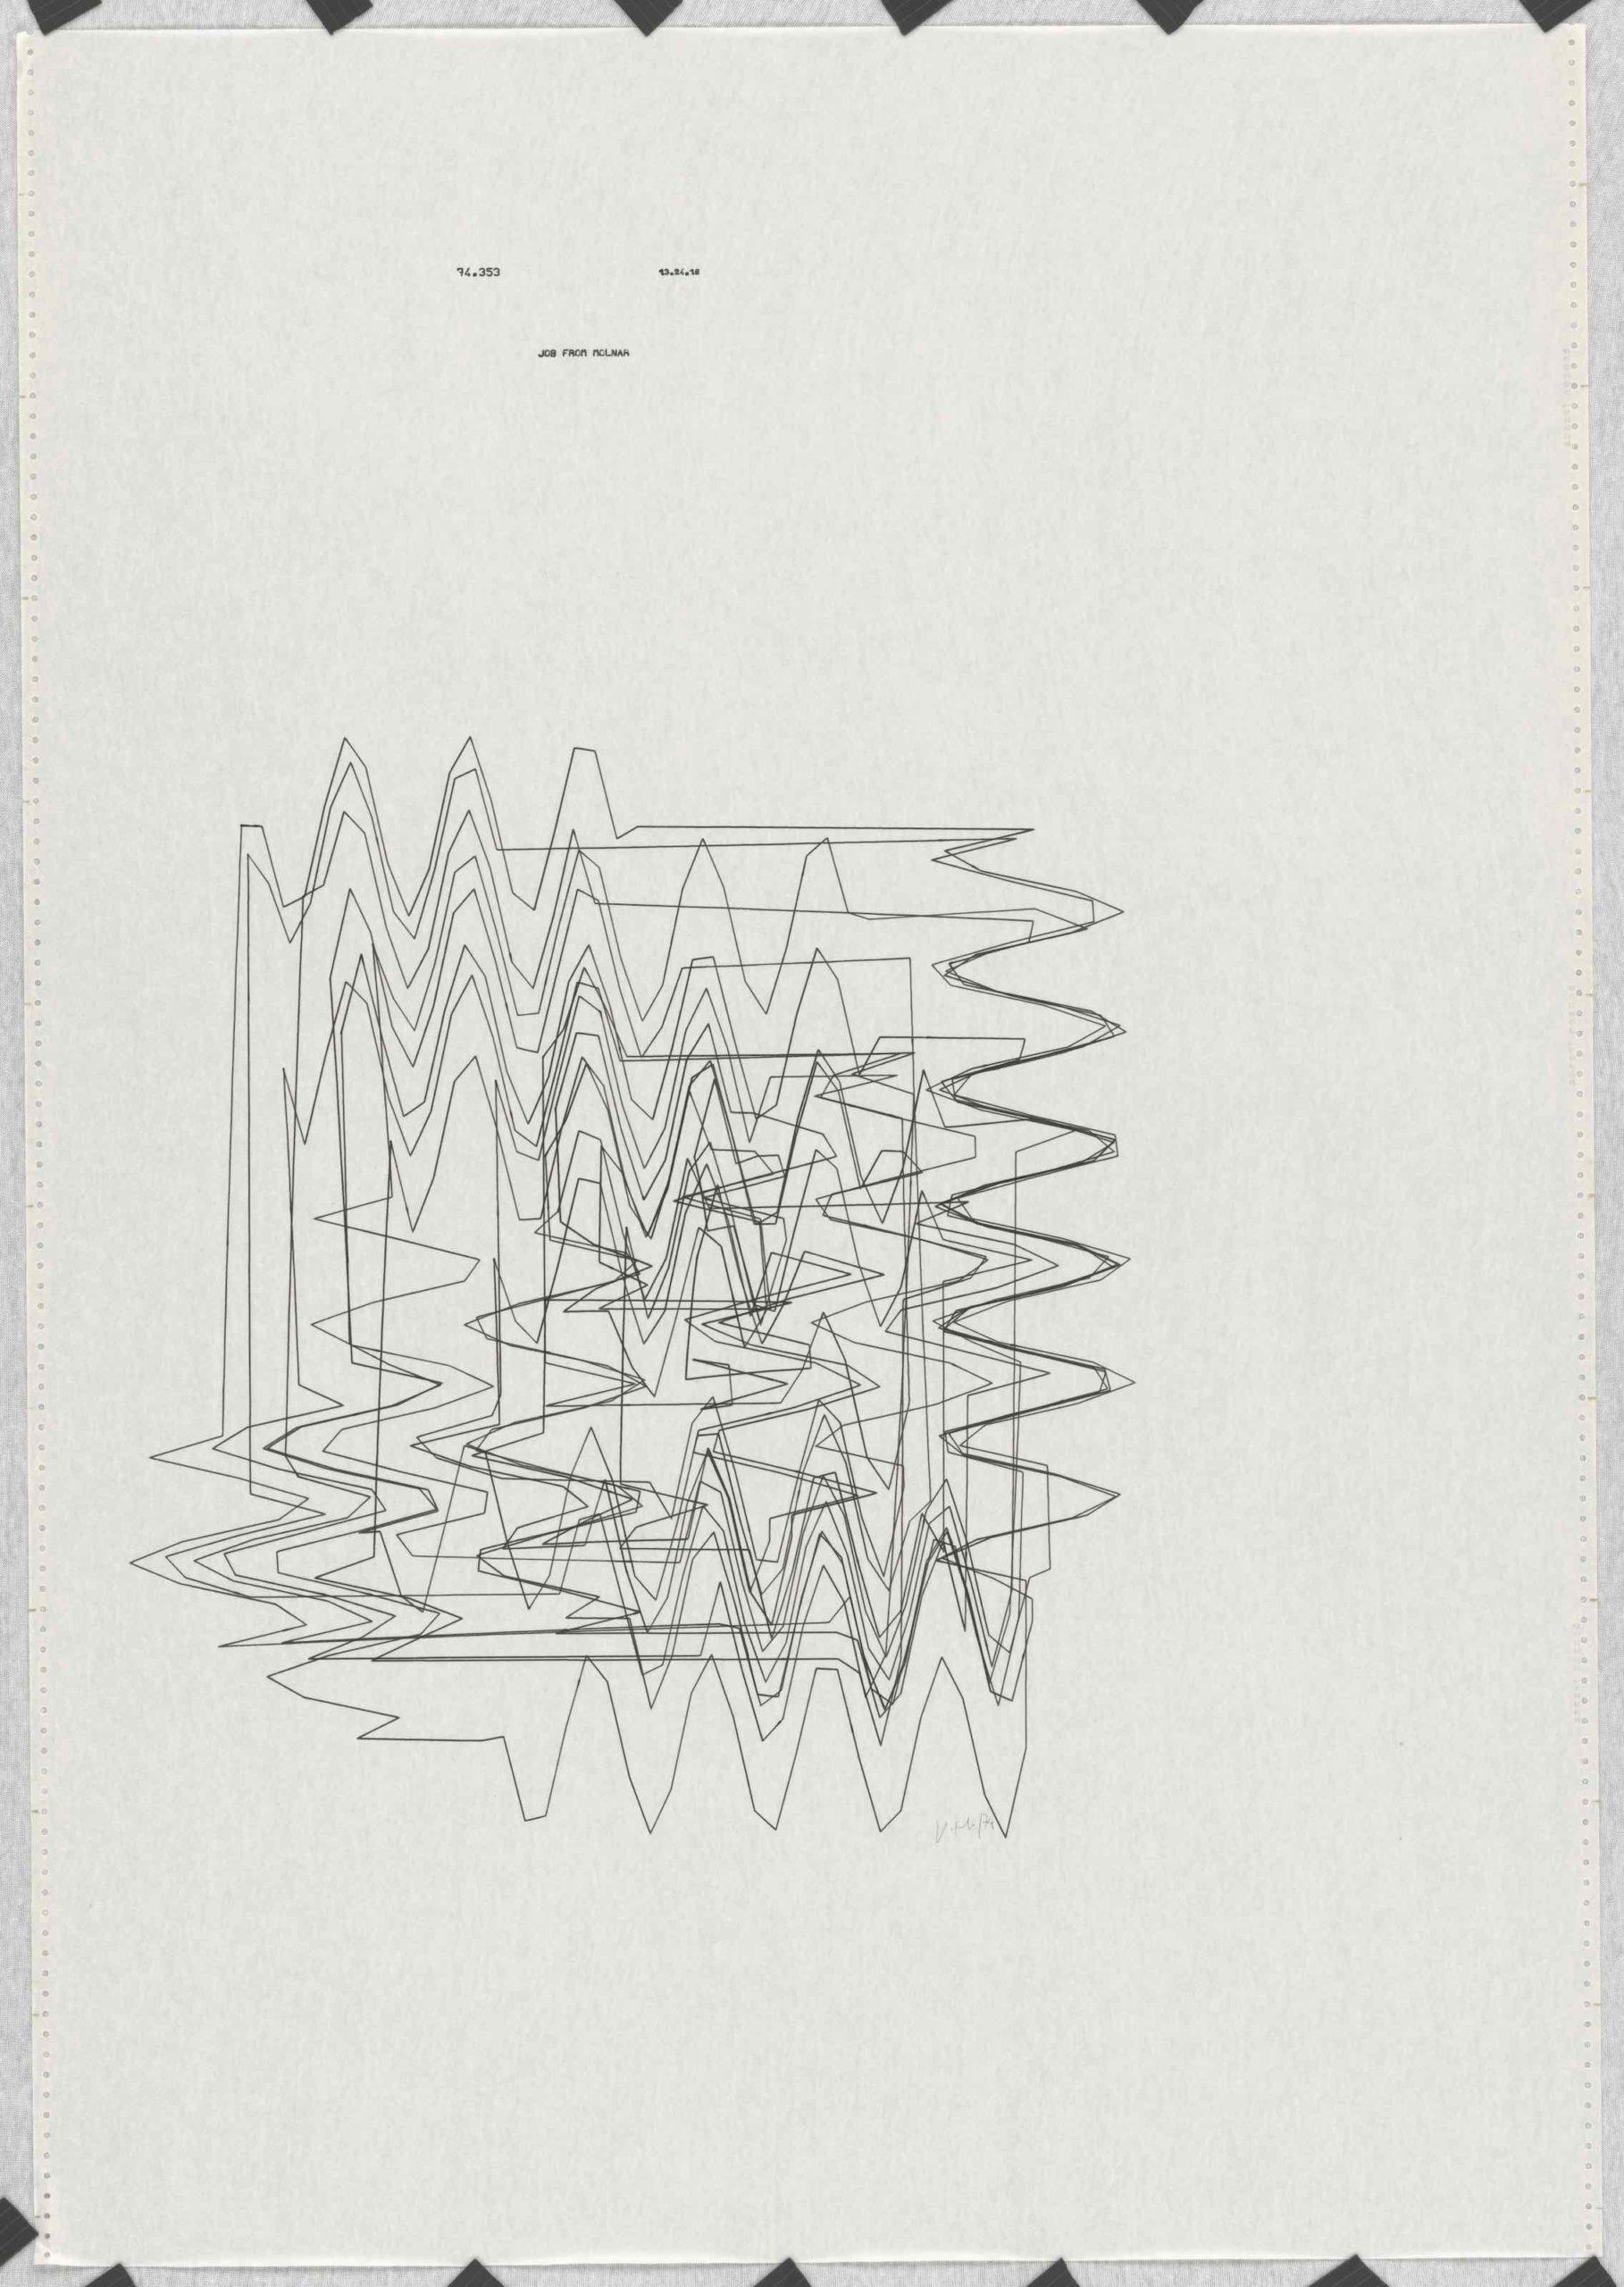 Vera Molnar, Hypertransformationen Serie, Plotterzeichnung, Tinte auf Papier, 45 x 50 cm, 1974, Preis: 15 000 Euro